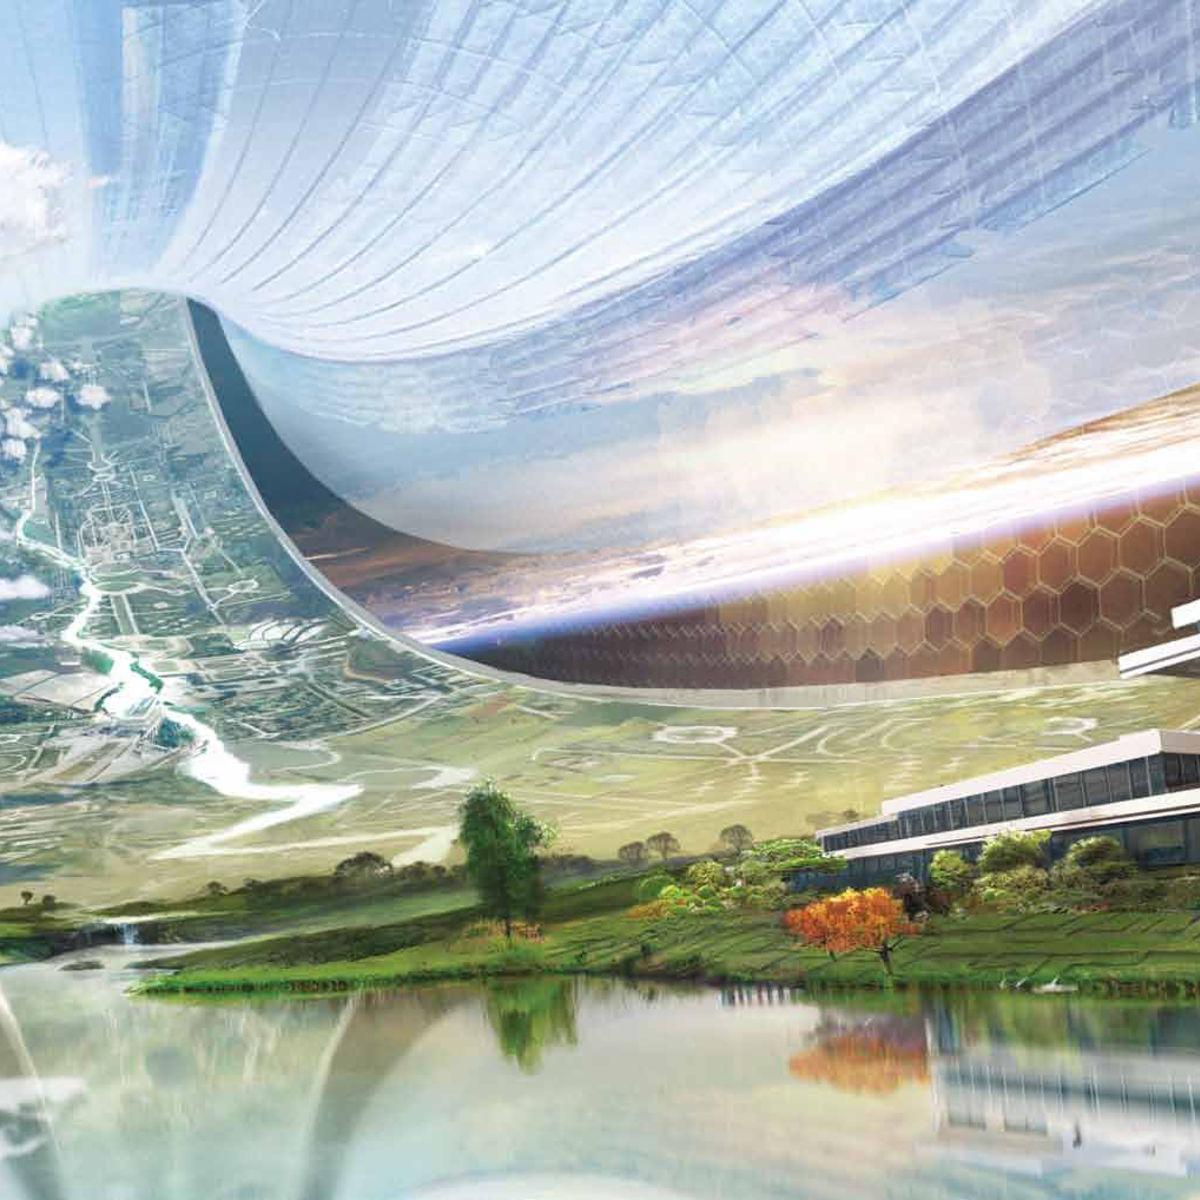 2013-08-09-elysium_interior_concept_art.jpg